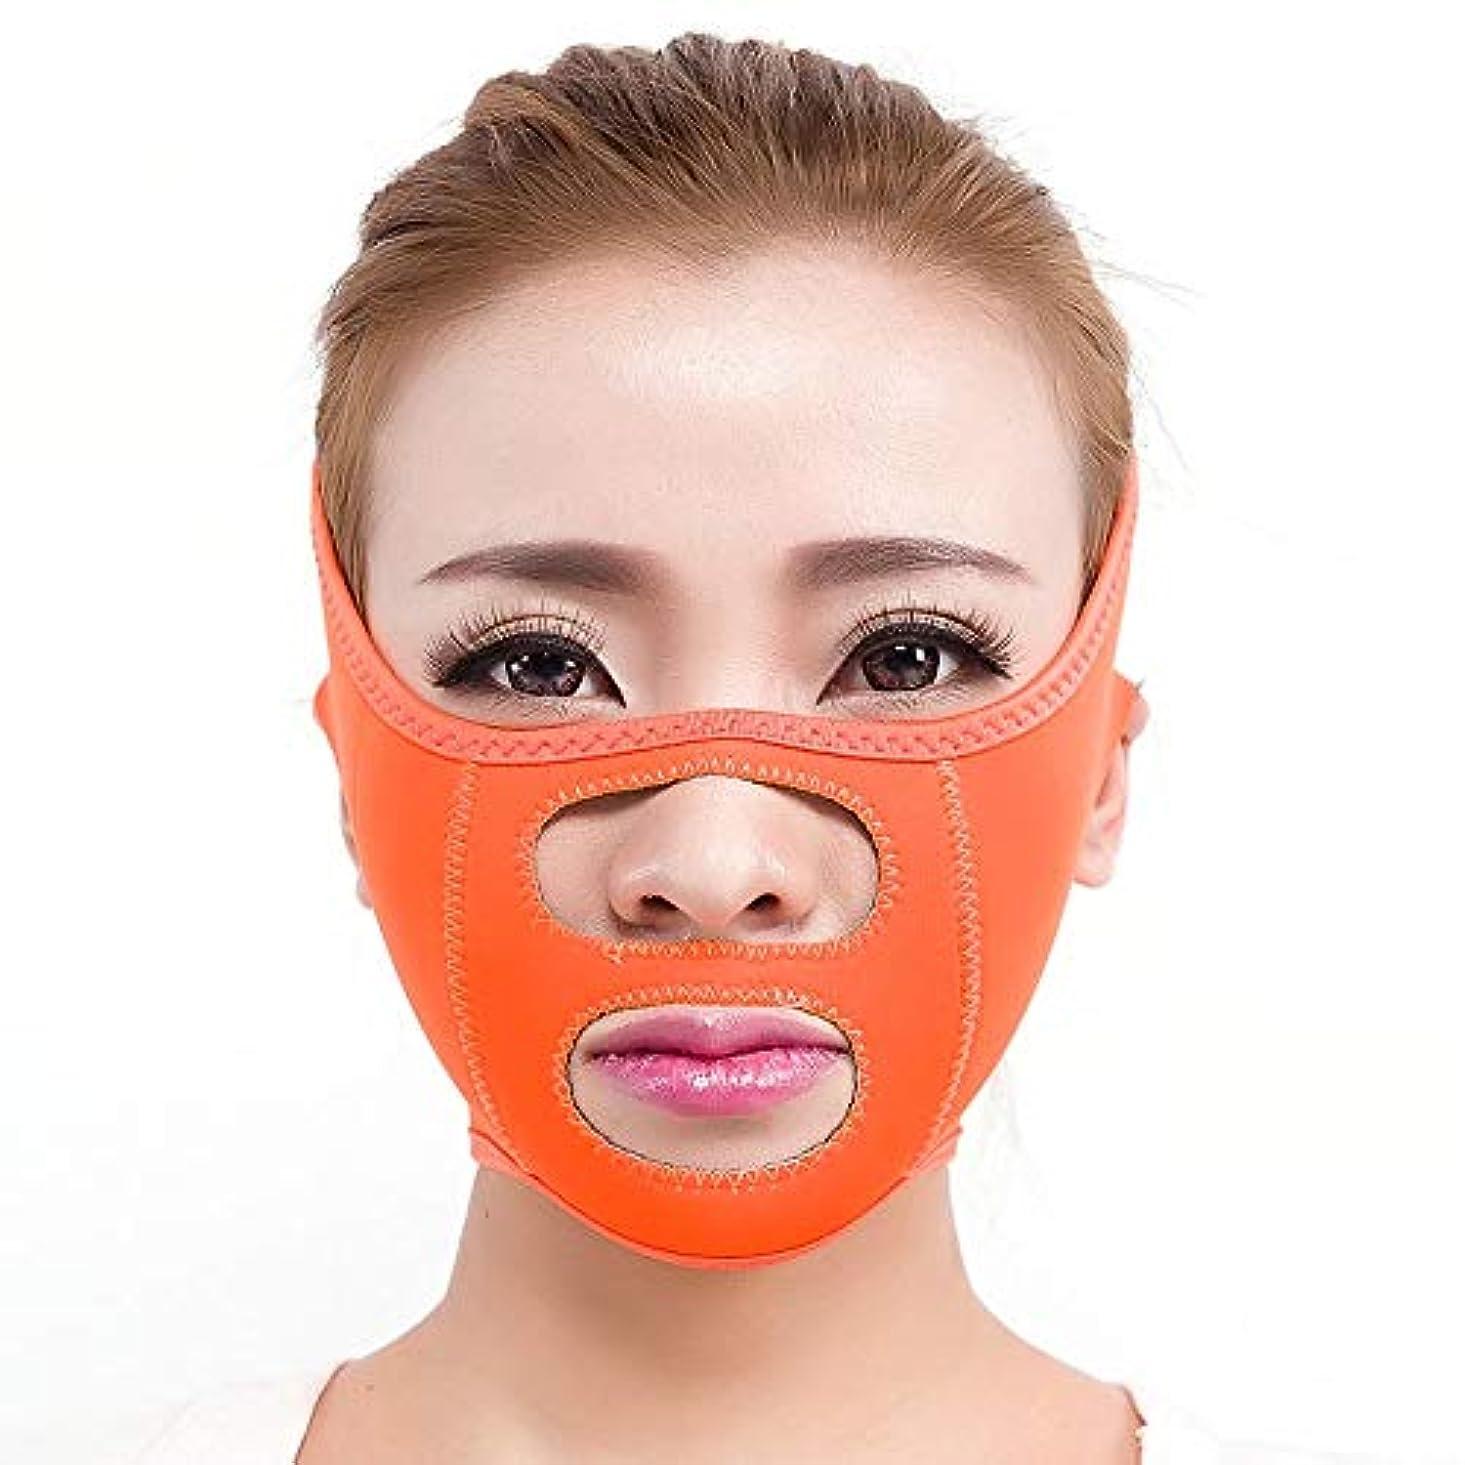 メイト行商必須GYZ シンフェイスマスクシンフェイス包帯シンフェイスアーティファクトシンフェイスフェイシャルリフティングシンフェイススモールVフェイススリープシンフェイスベルト Thin Face Belt (Color : A)